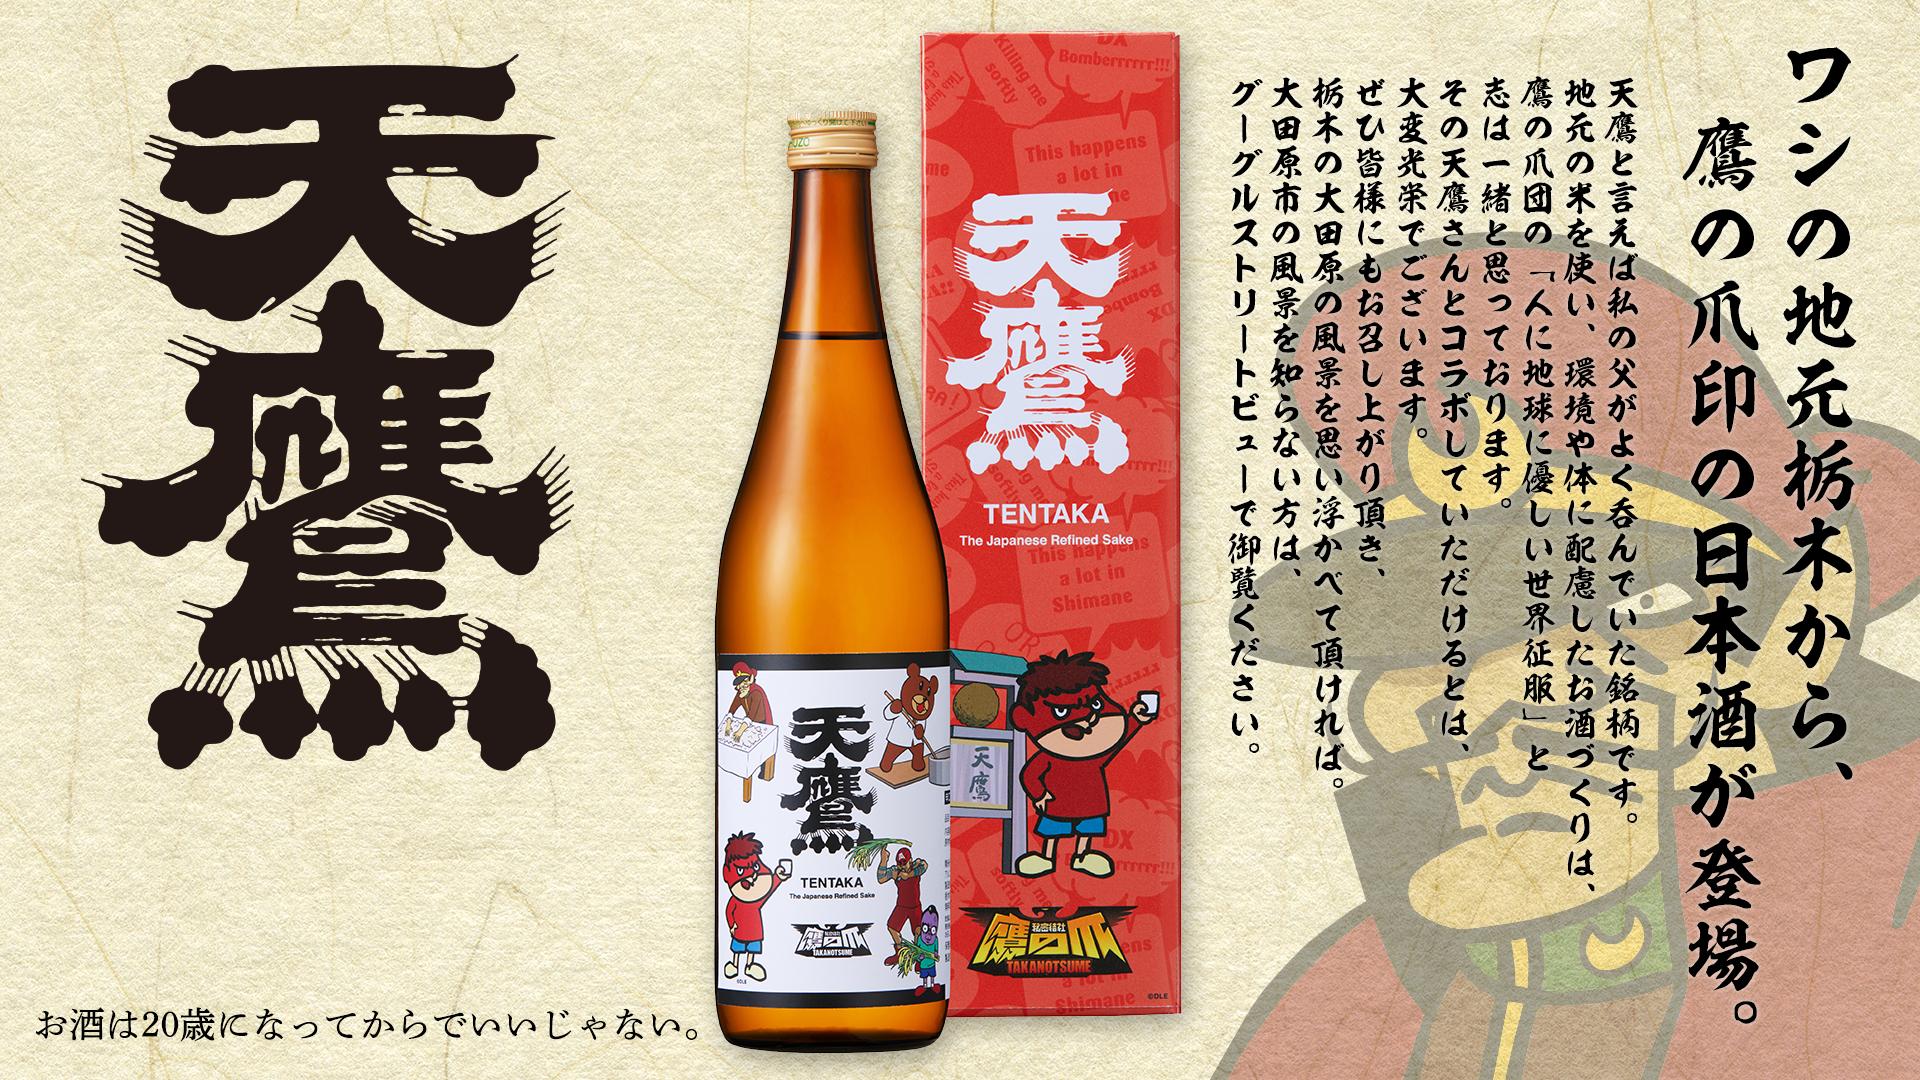 【鷹の爪】生誕15周年記念グッズ!「鷹の爪団」初の酒造メーカーとのコラボ商品が発売!